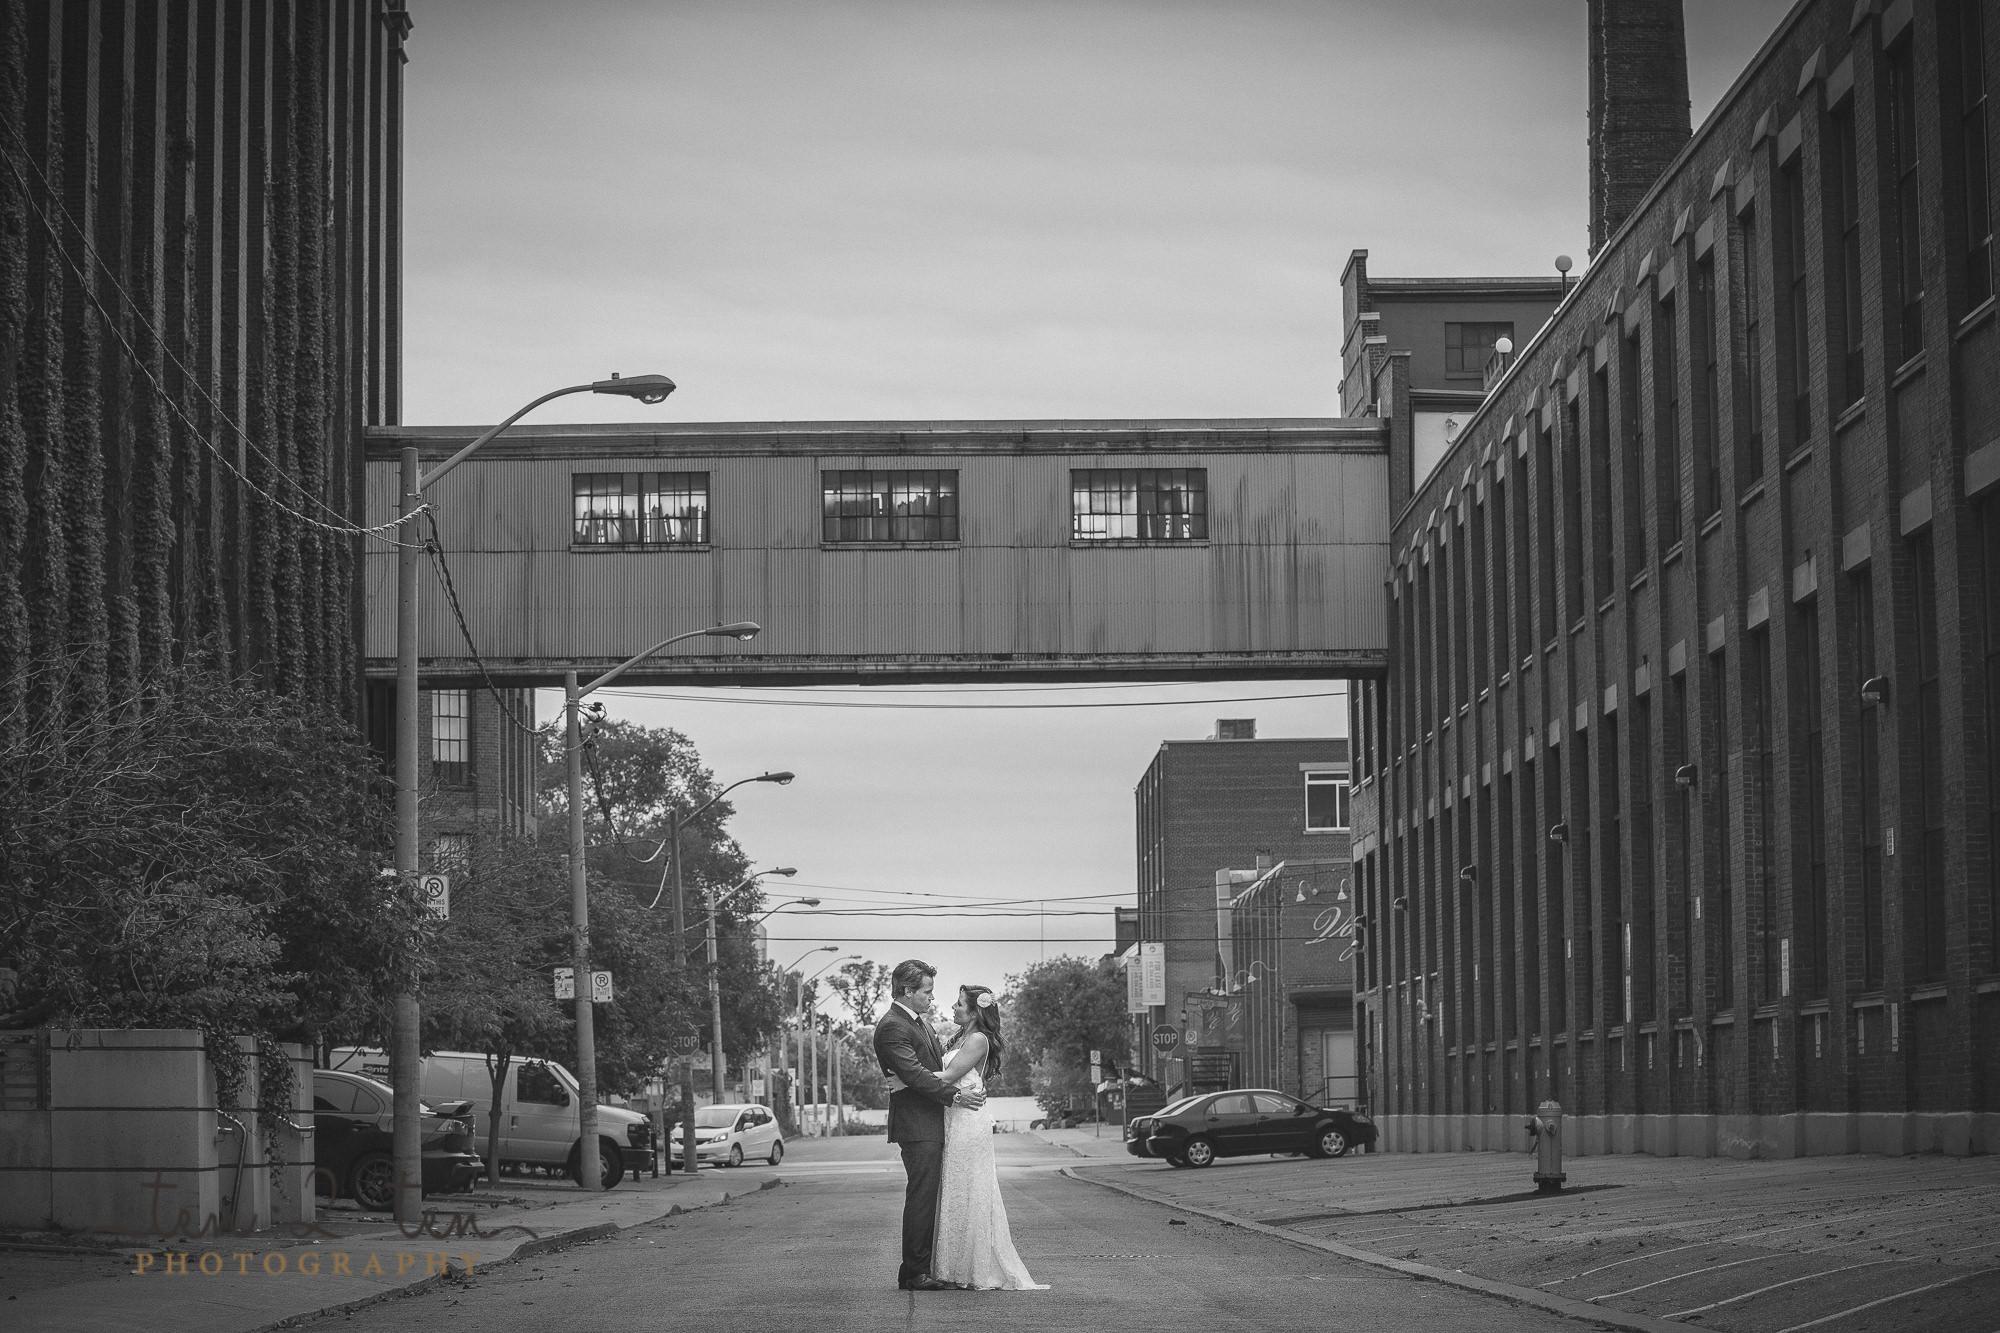 mildreds temple kitchen wedding photos 247 - Mildred's Temple Kitchen Wedding Photos